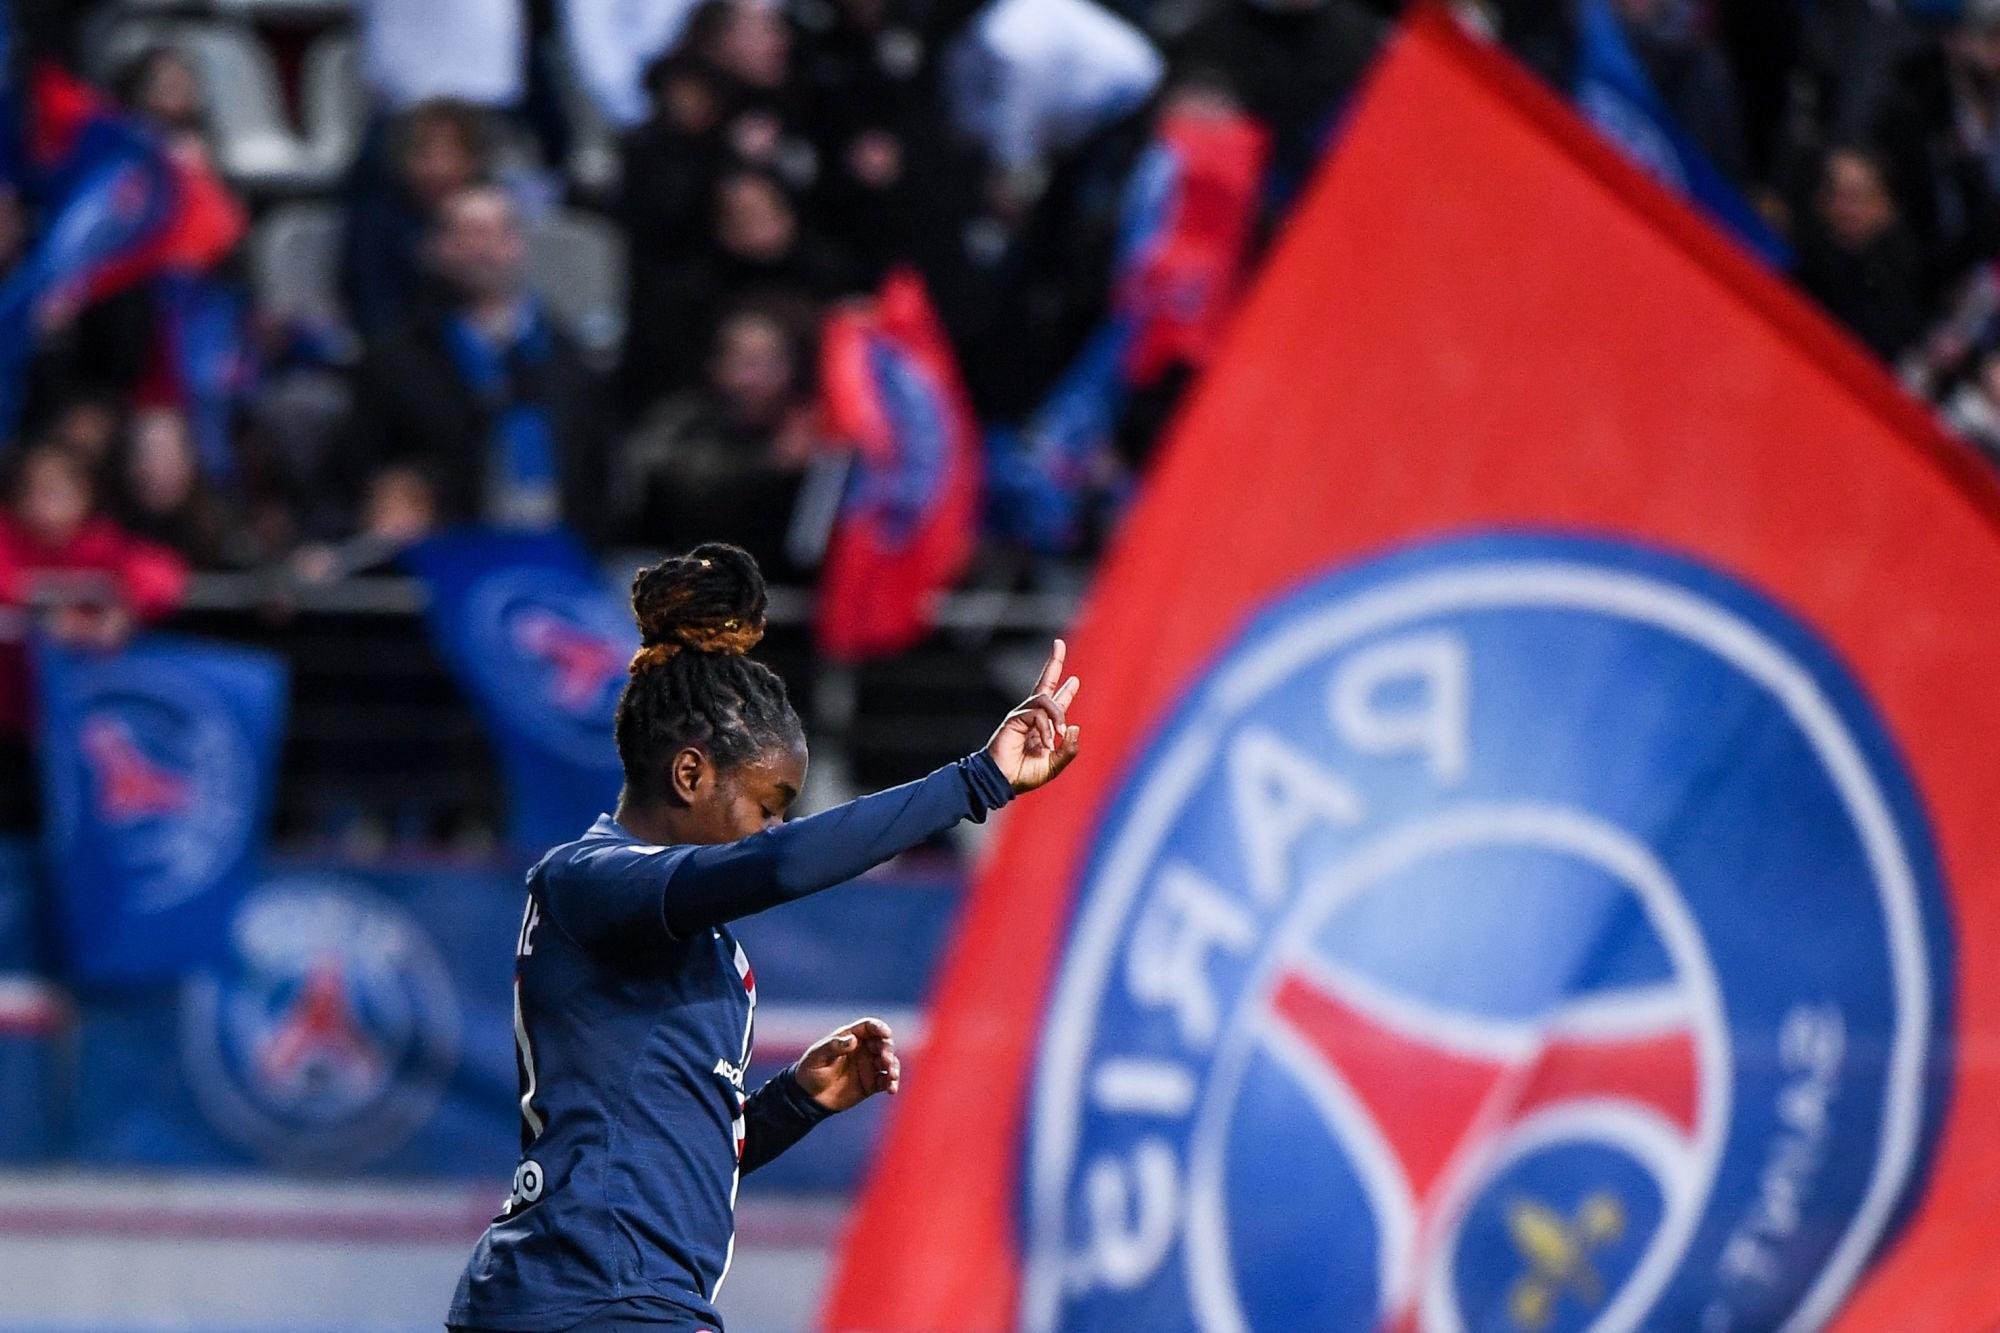 La demi-finale de Coupe de France Féminine entre le PSG et Bordeaux sera jouée à Libourne